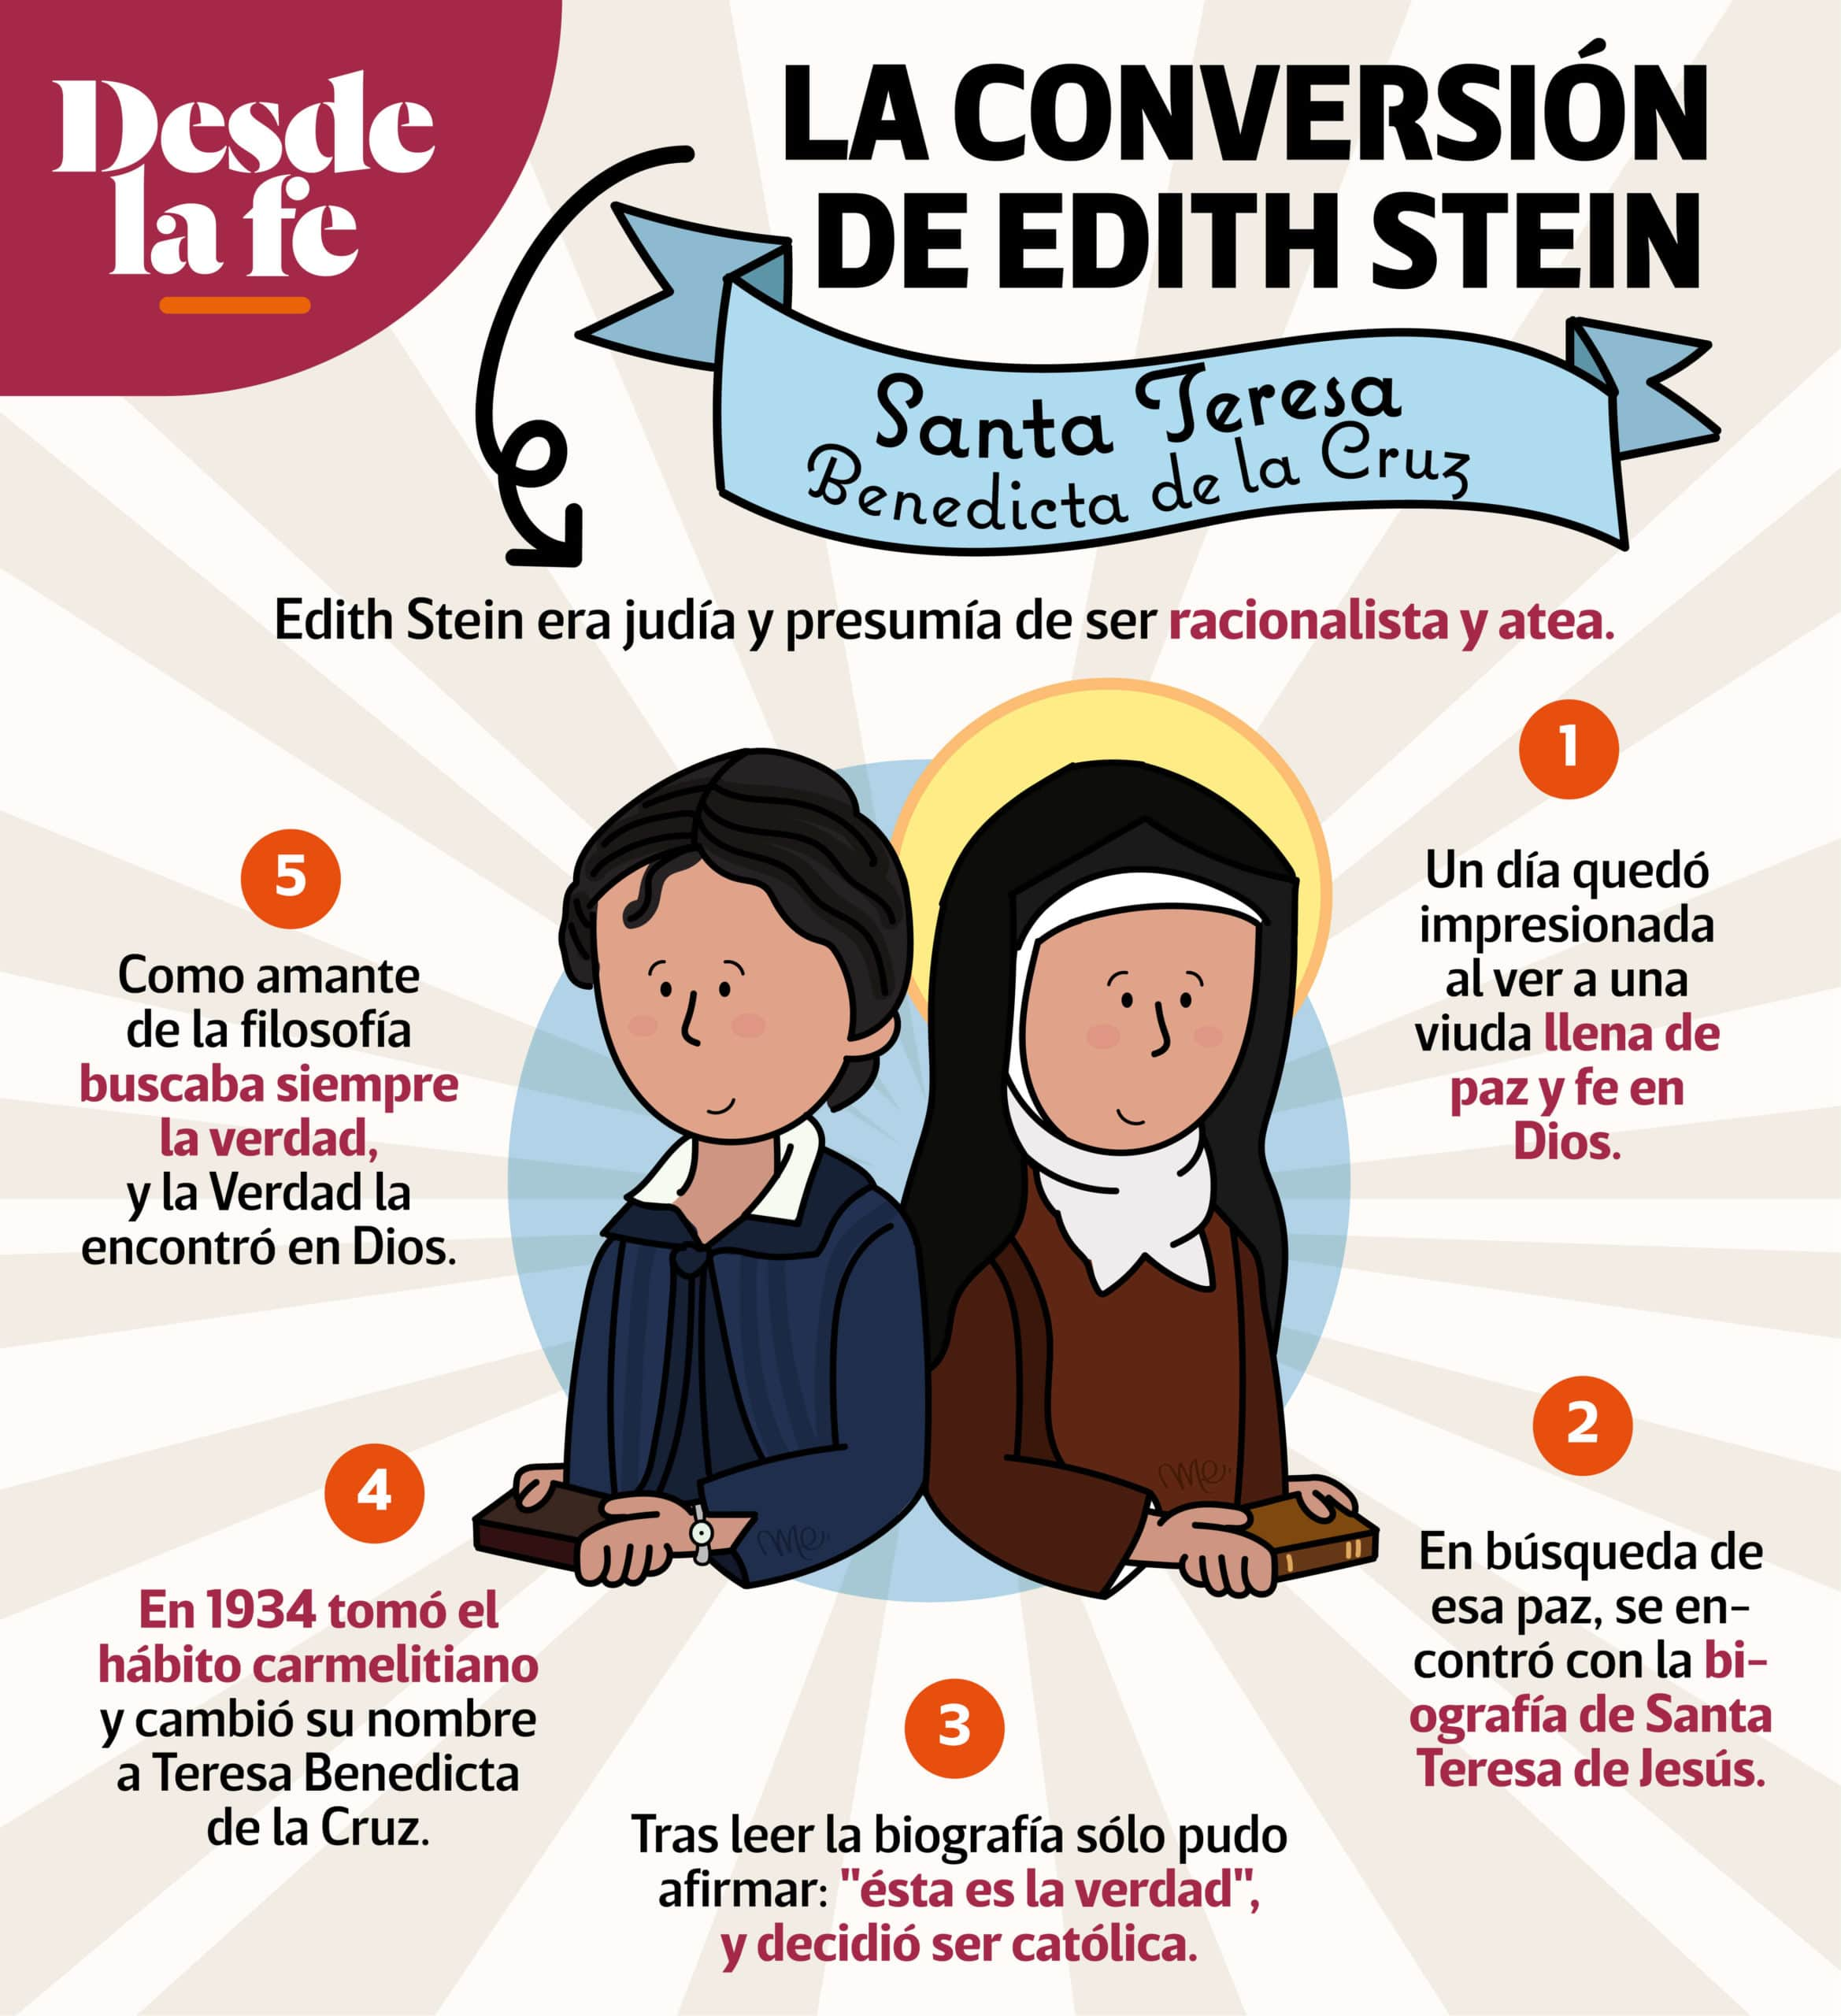 La conversión de Santa Edith Stein.